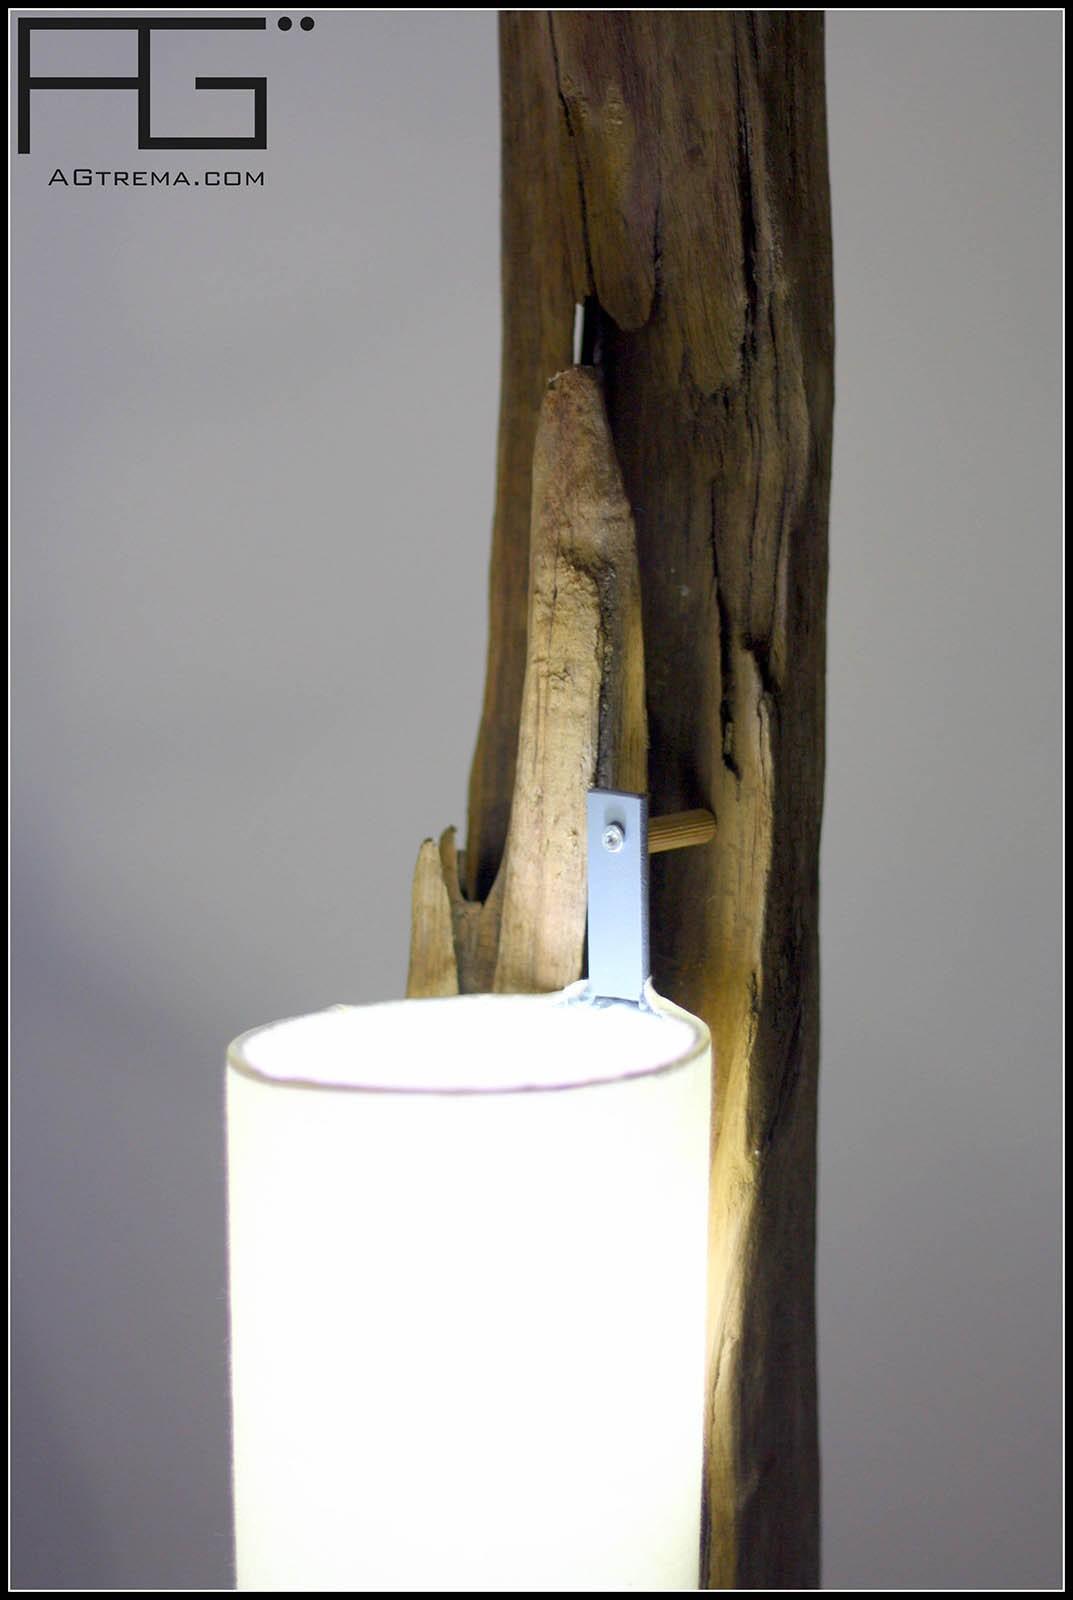 Lampe en bois flott poutre de bois artisanat dAlsace